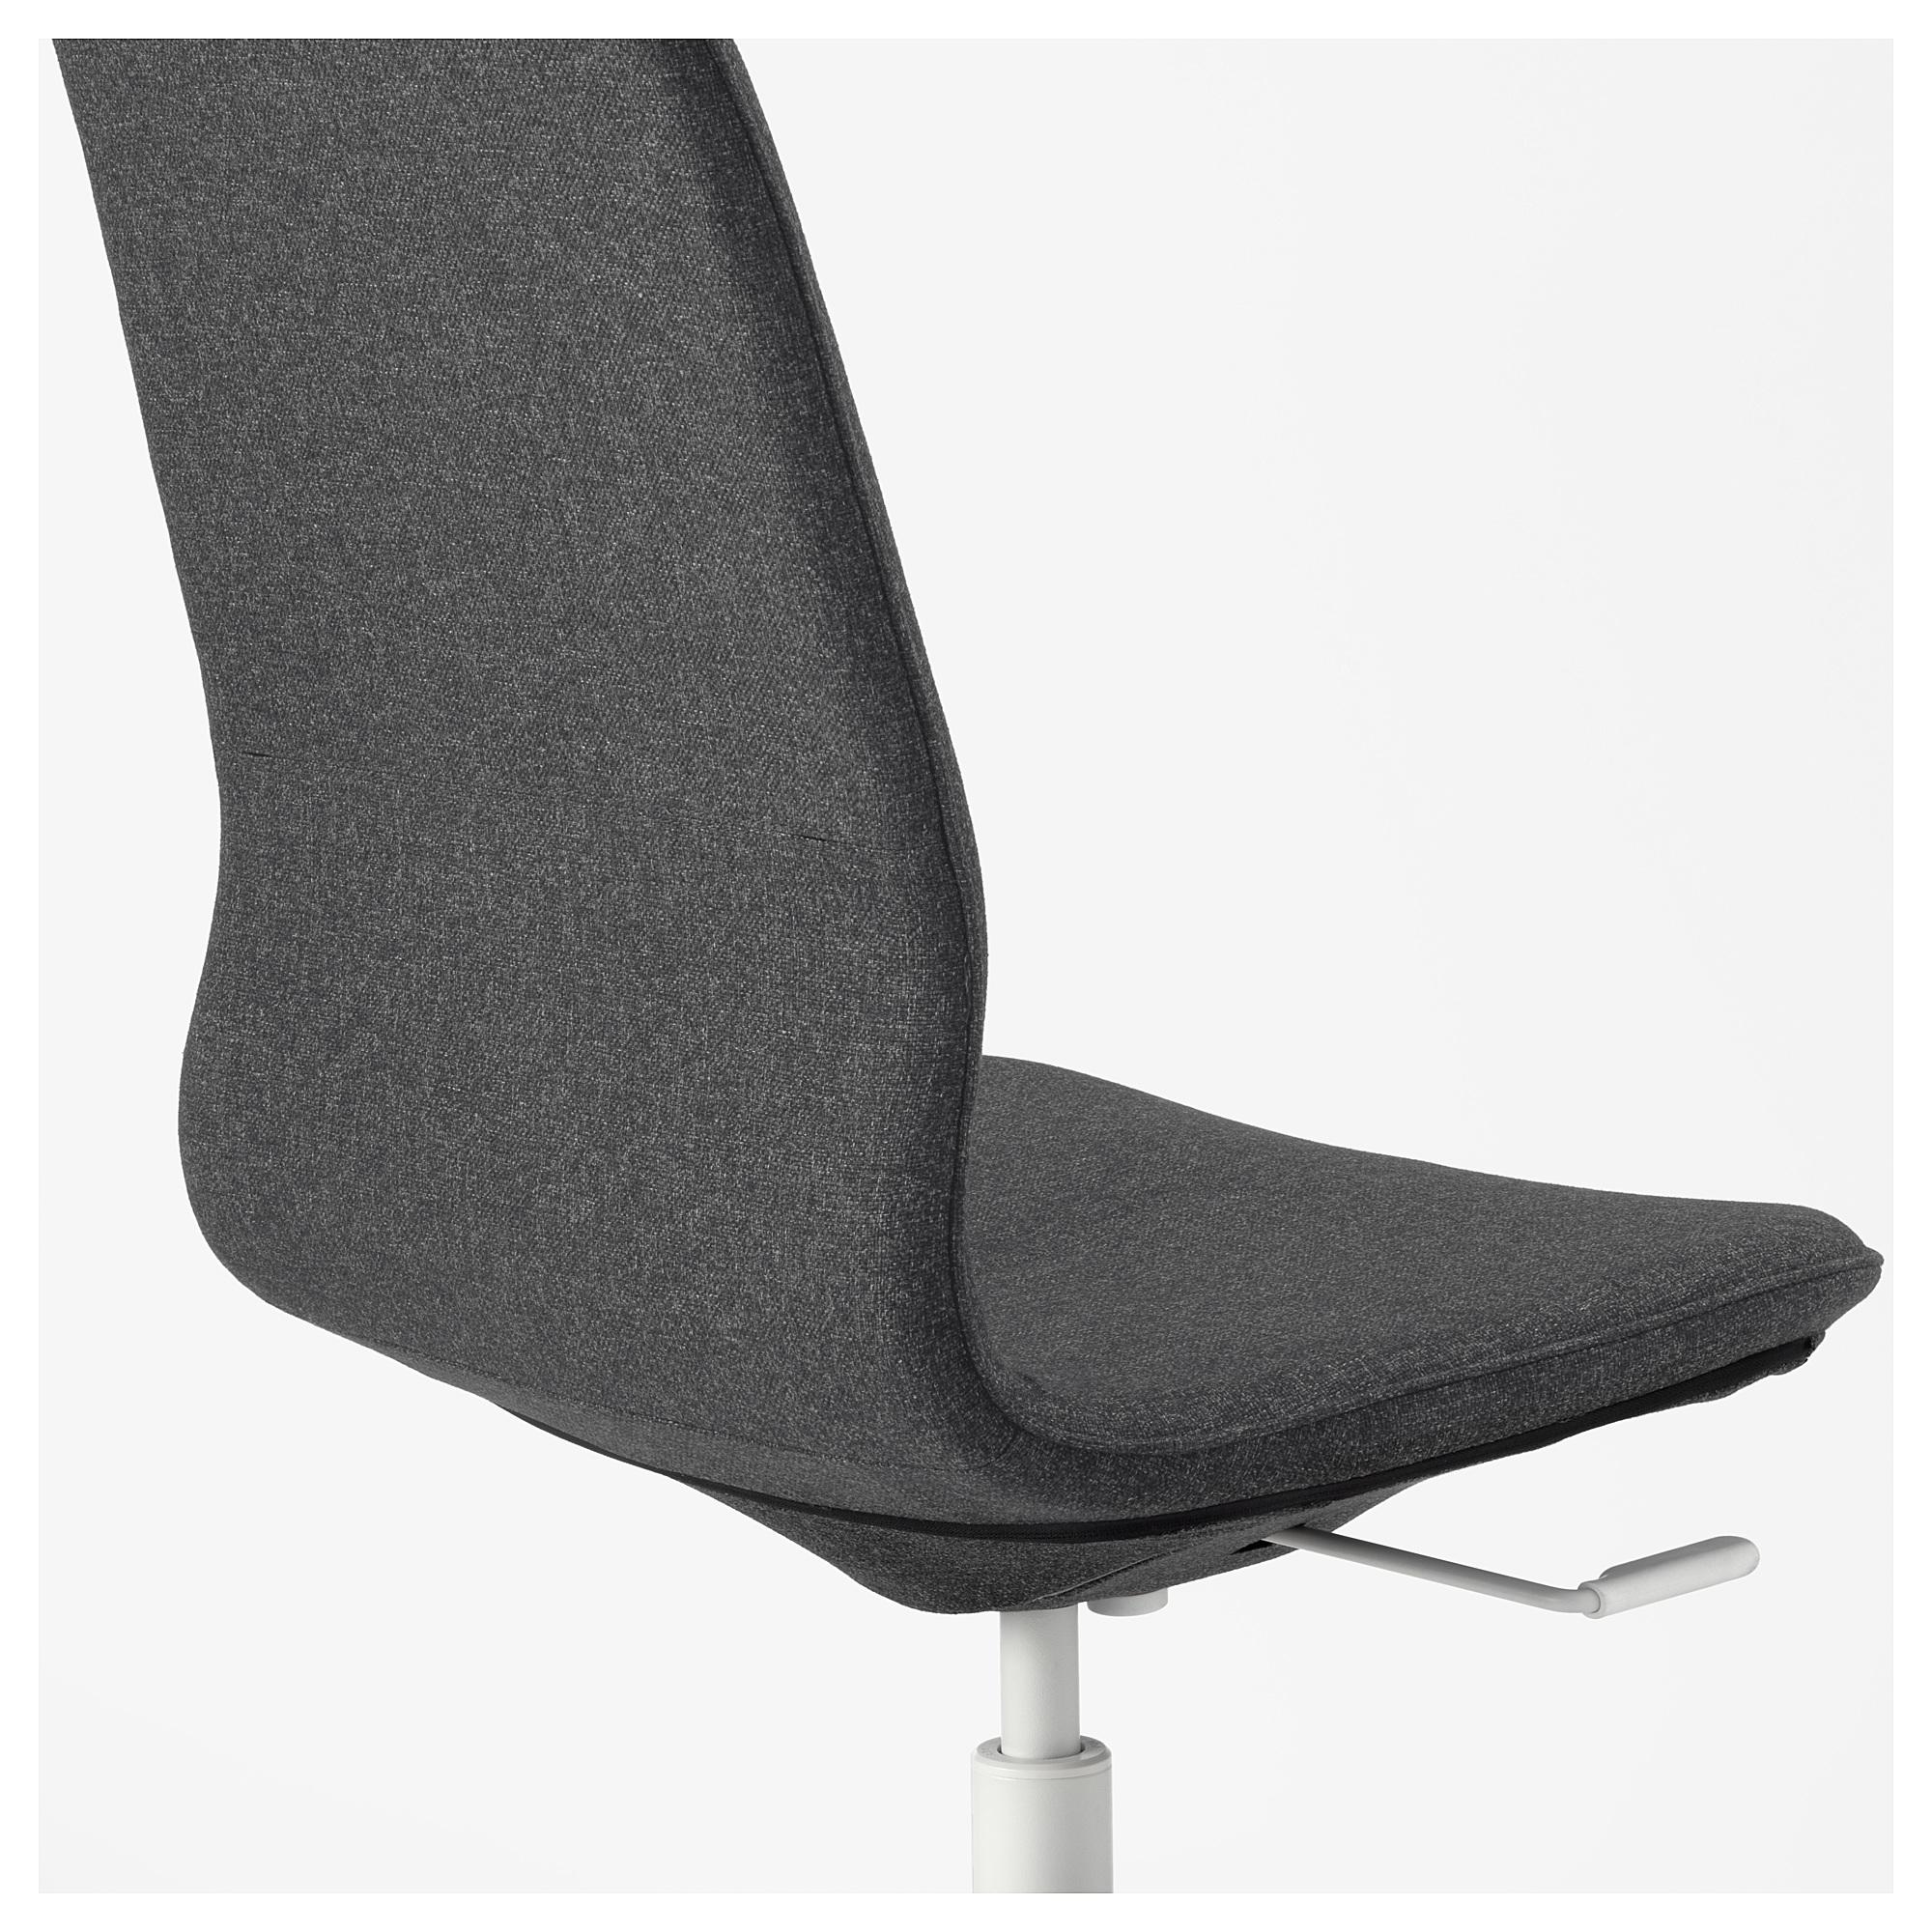 IKEA LÅNGFJÄLL Office chair Gunnared dark gray, white